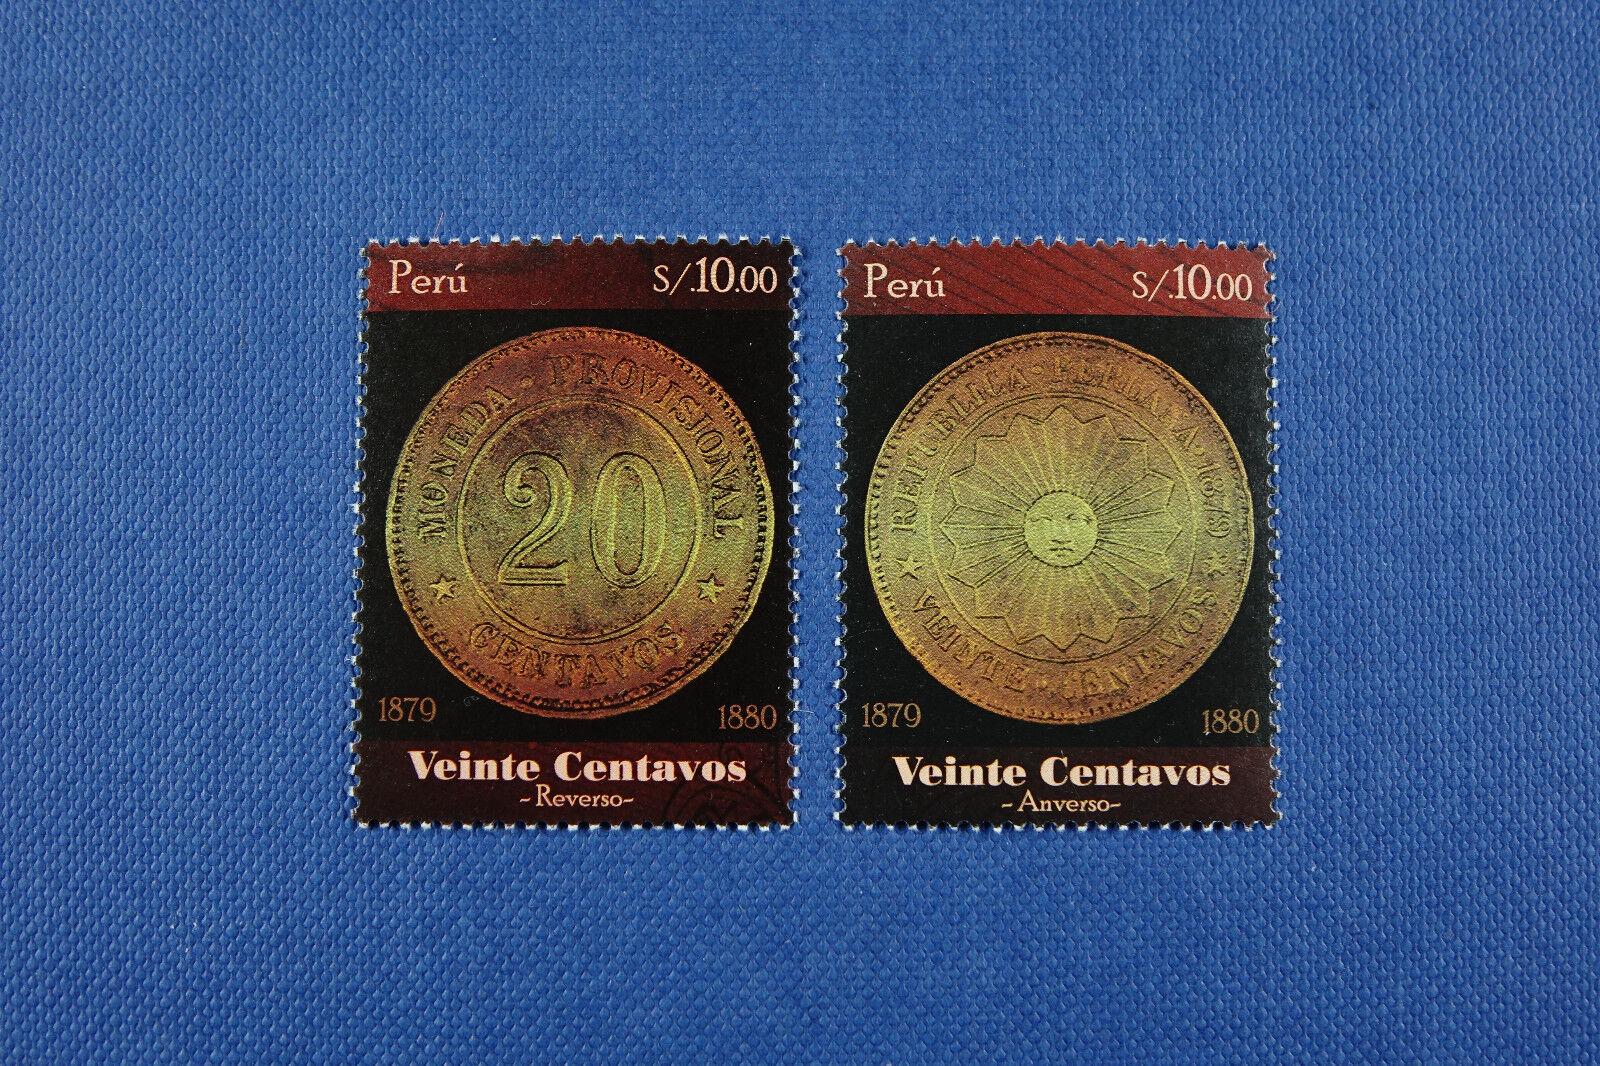 Peru latin america stamps peru 2017 mnzen coins geschichte geld money history postfrisch mnh thecheapjerseys Images